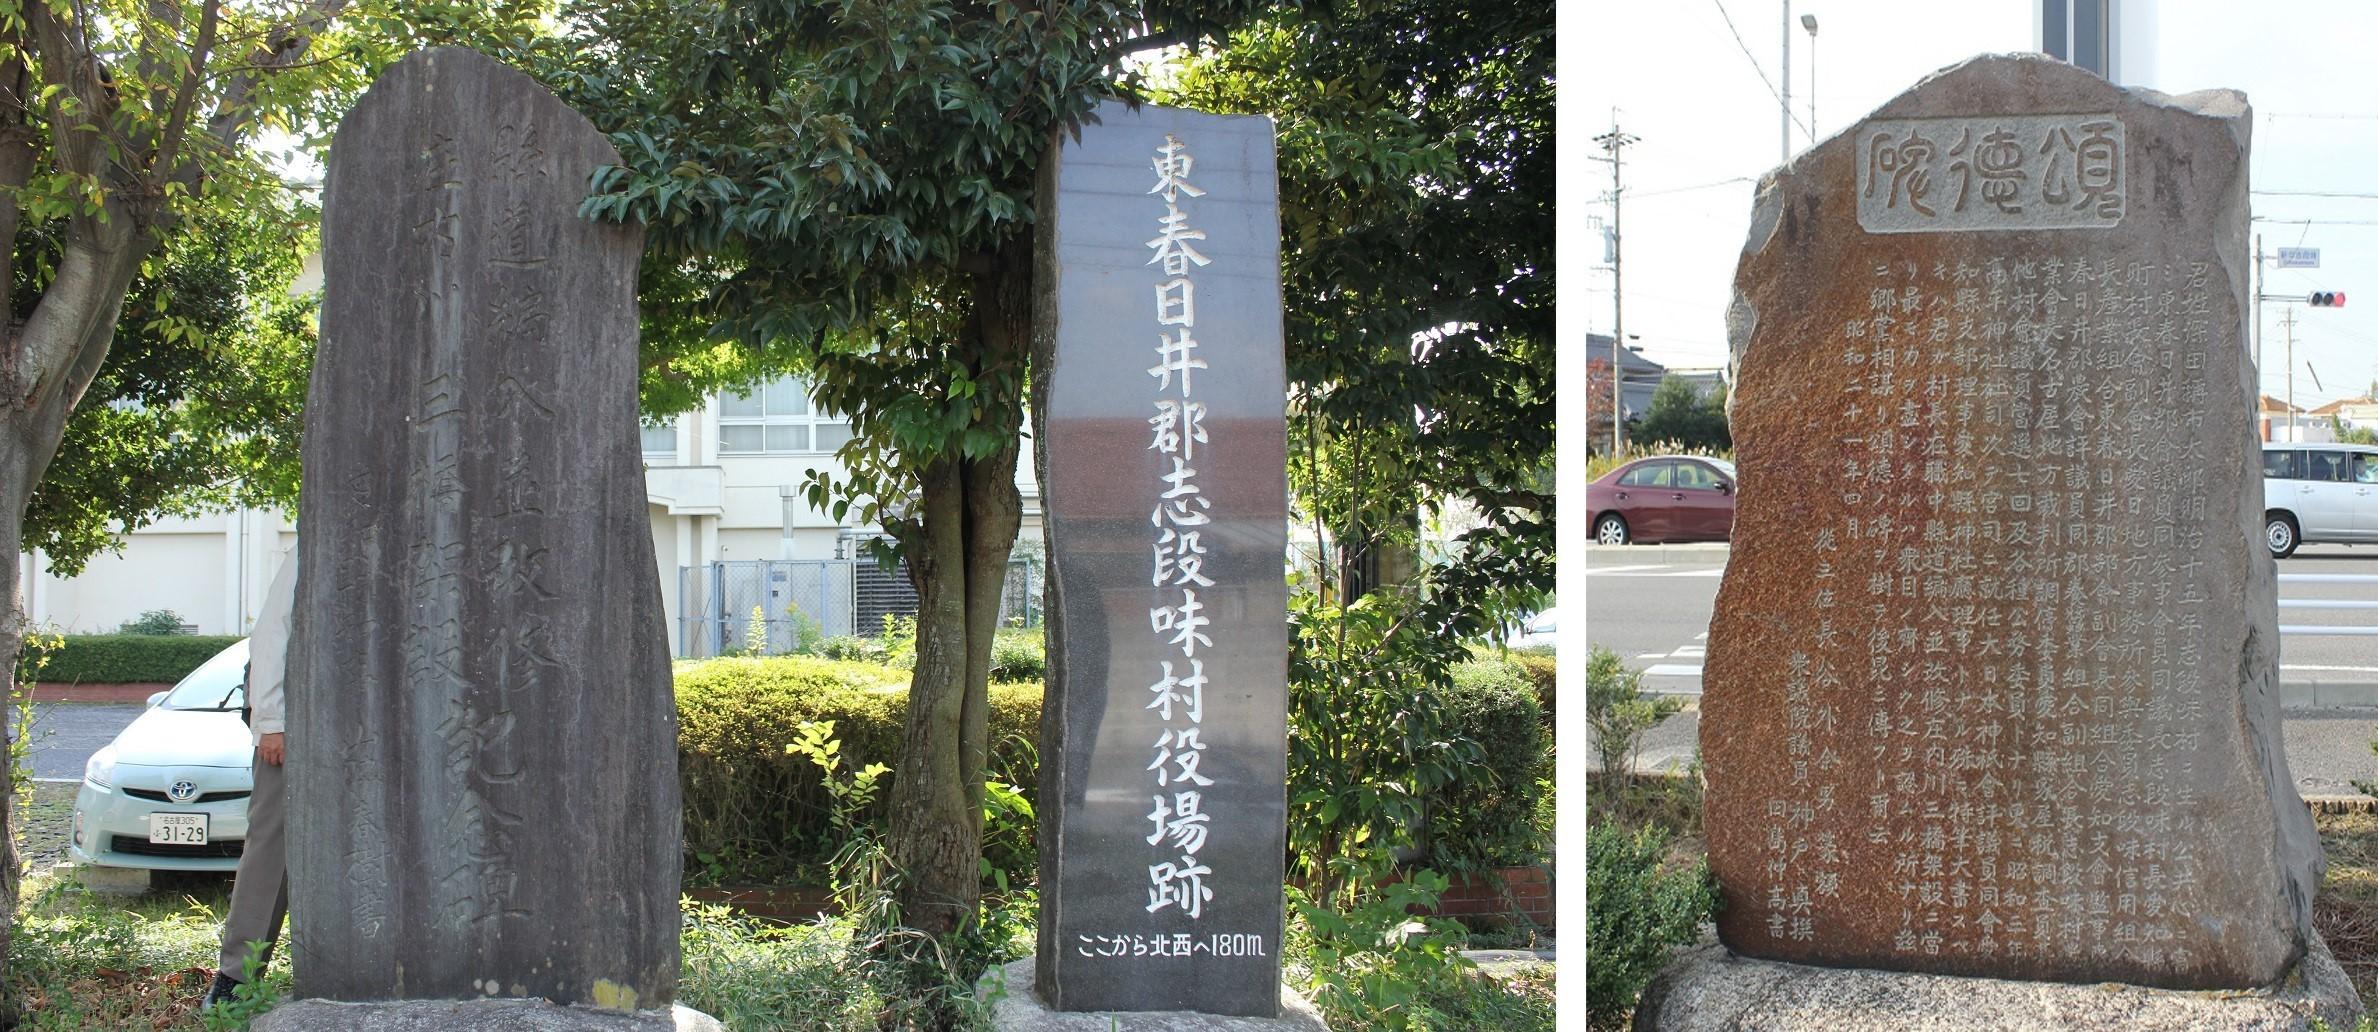 志段味2019役場跡+頌徳碑